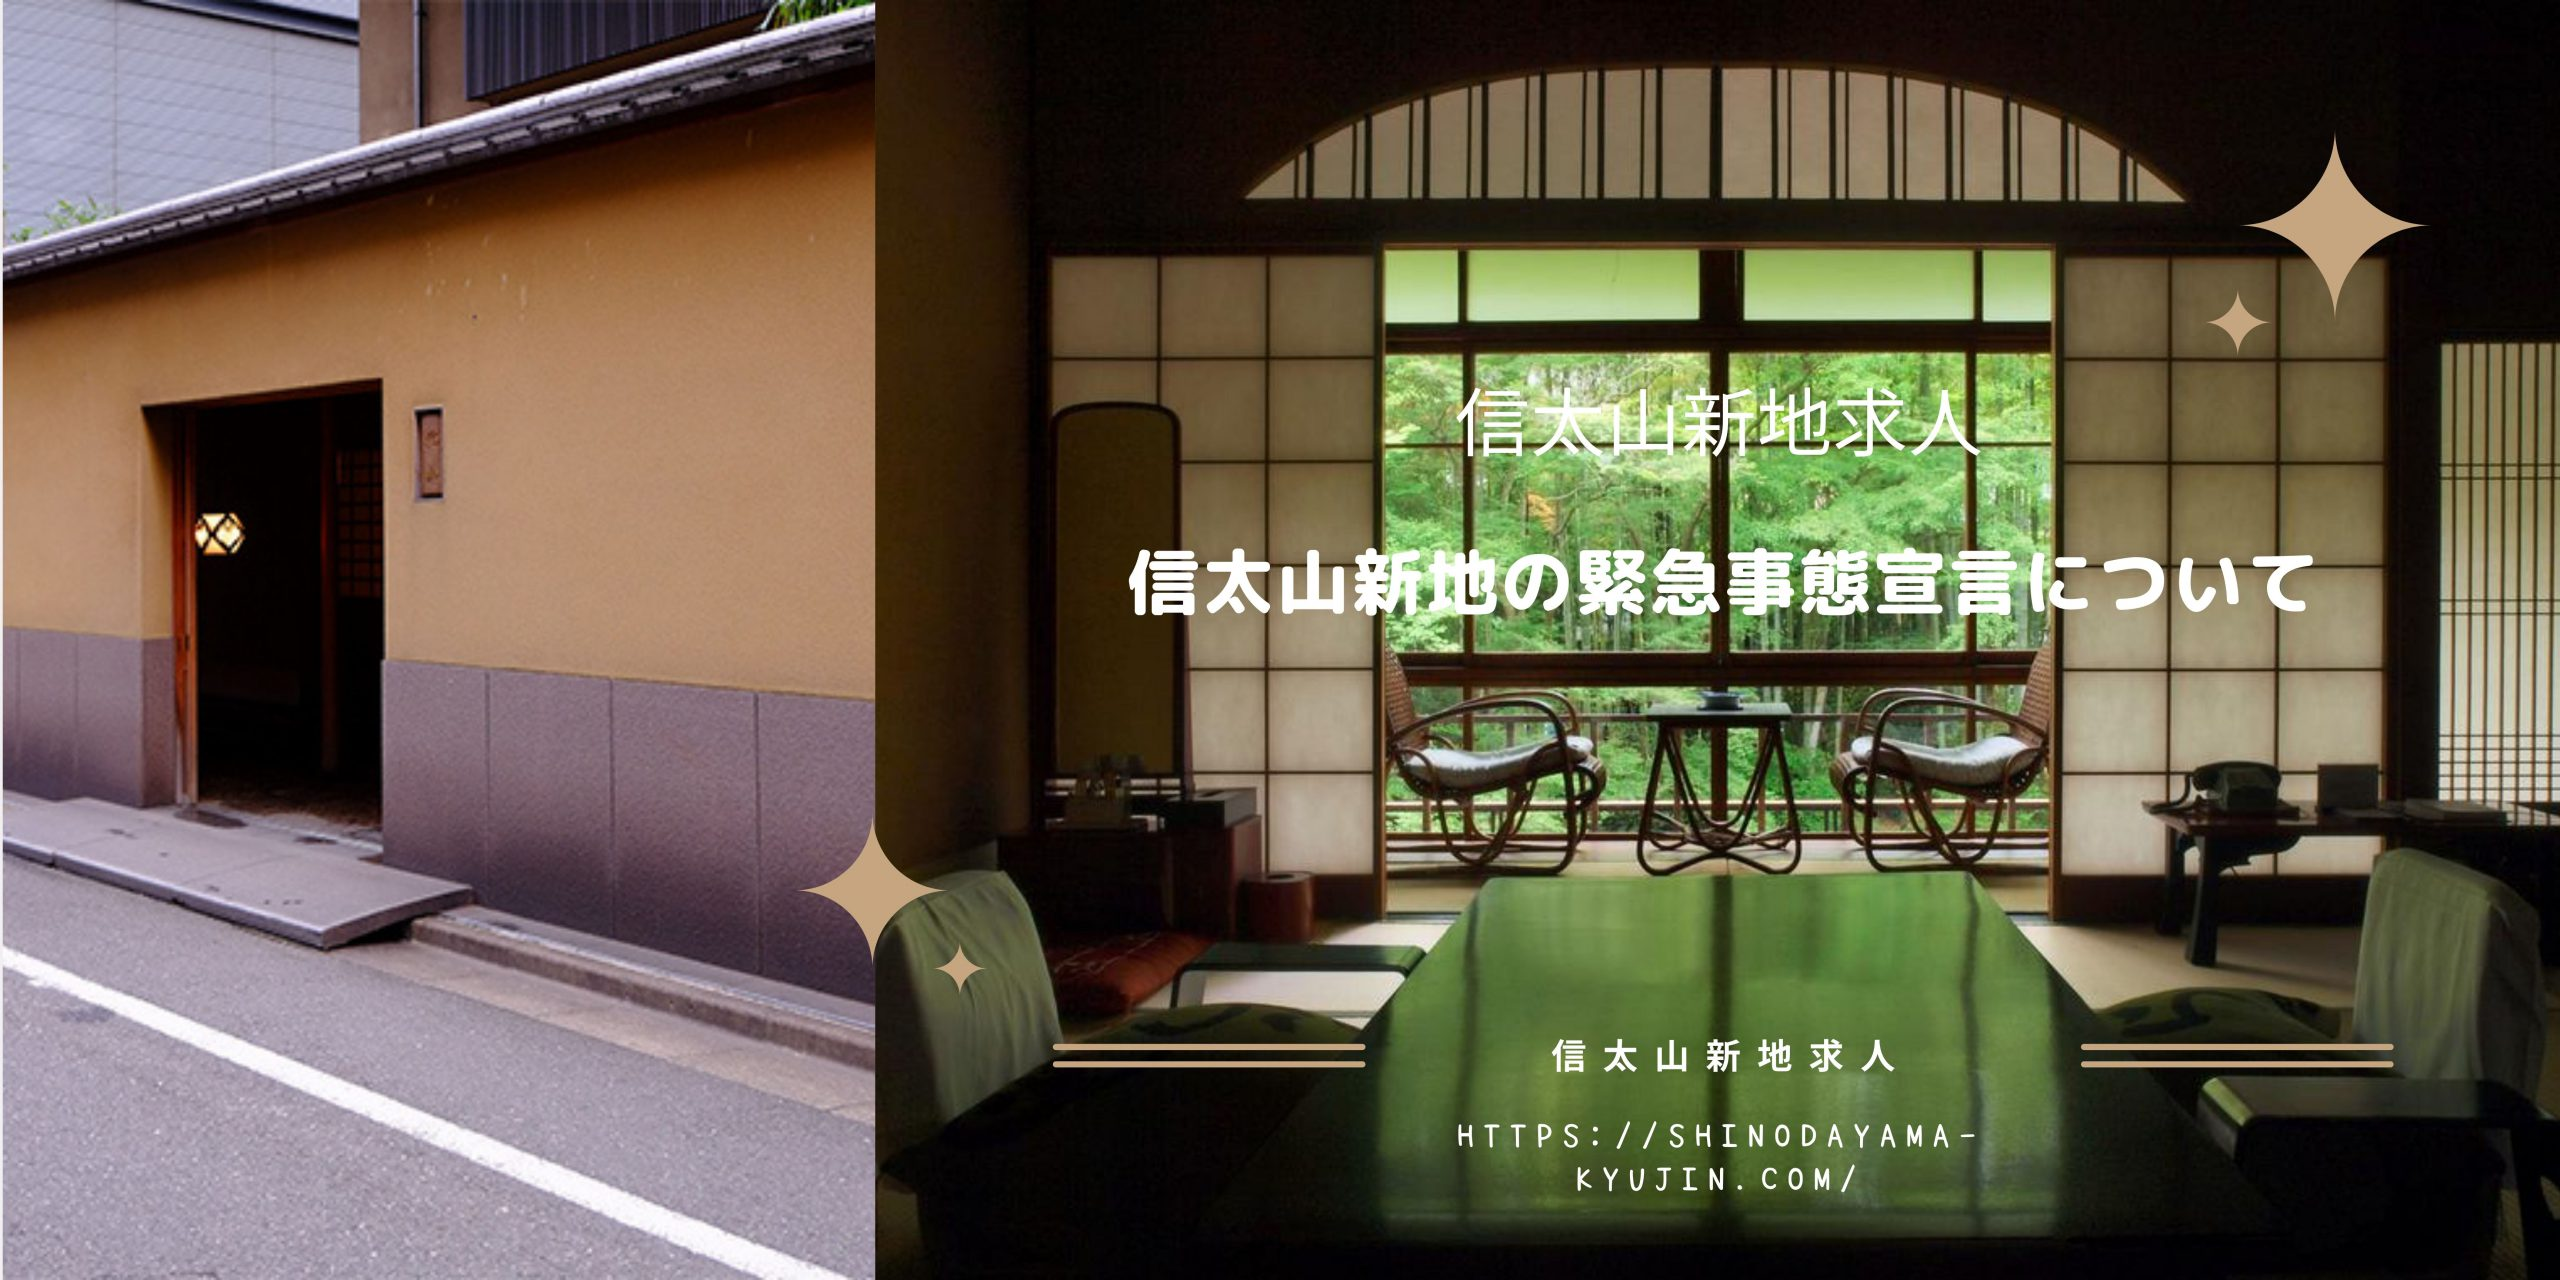 信太山新地の緊急事態宣言について.jpg